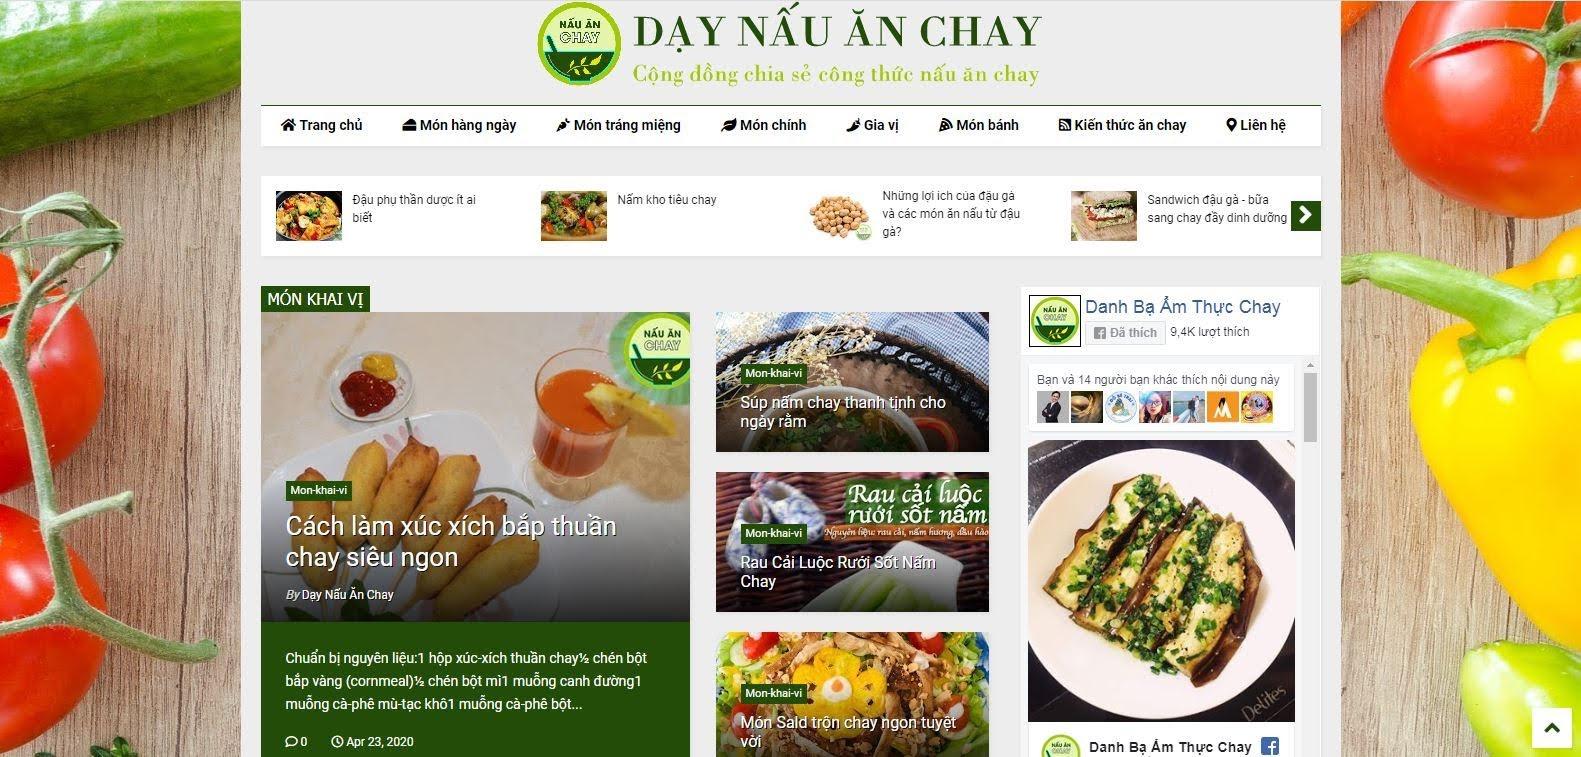 Tặng giao diện Website Blogger (Dạy Nấu Ăn Chay) - tạp chí, tin tức (Template Blogger)